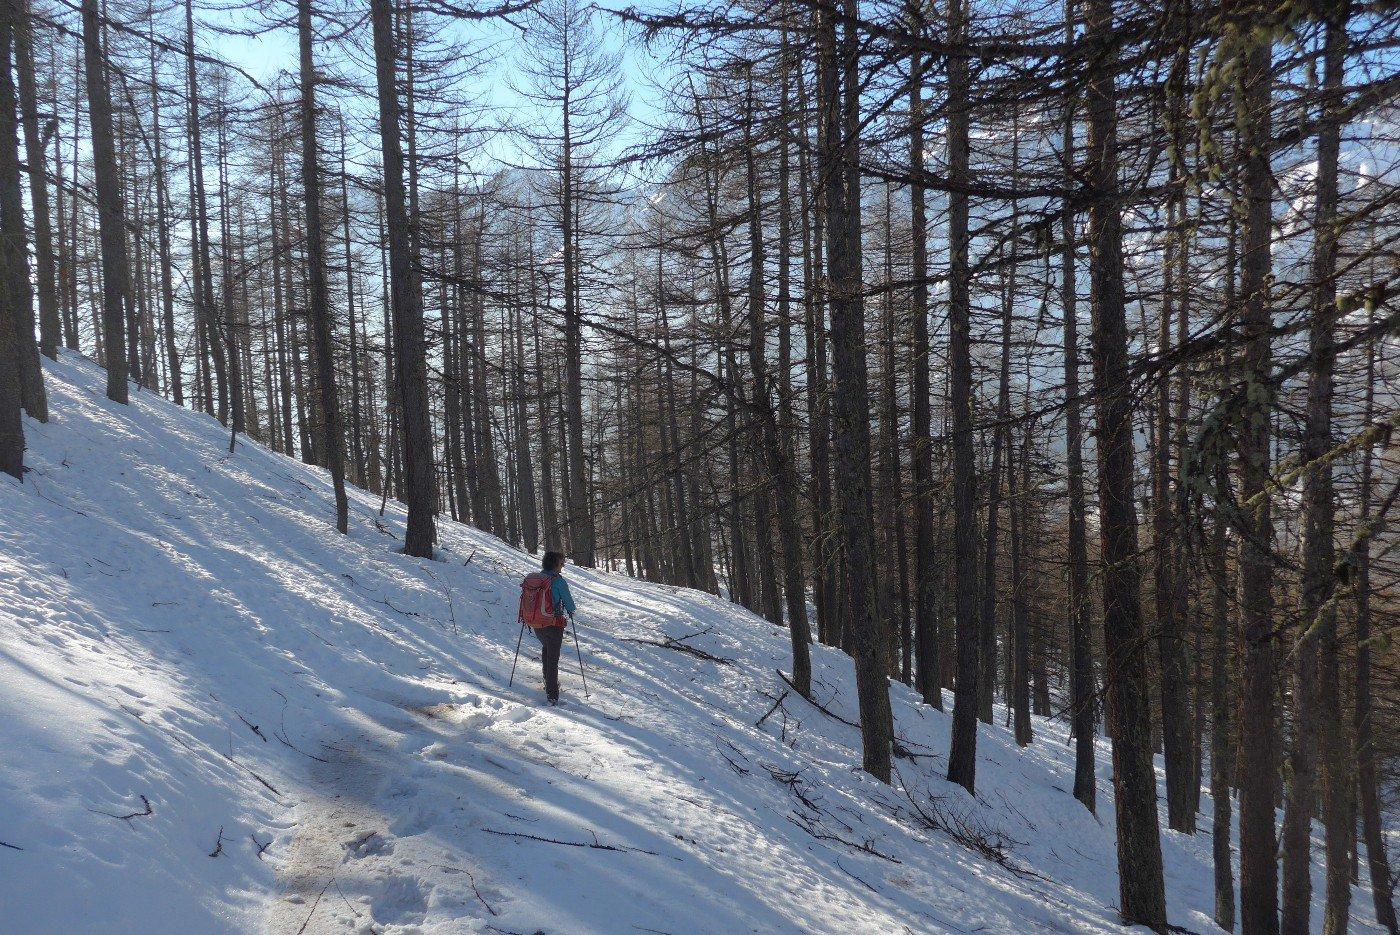 Scendendo nel bel bosco di larici